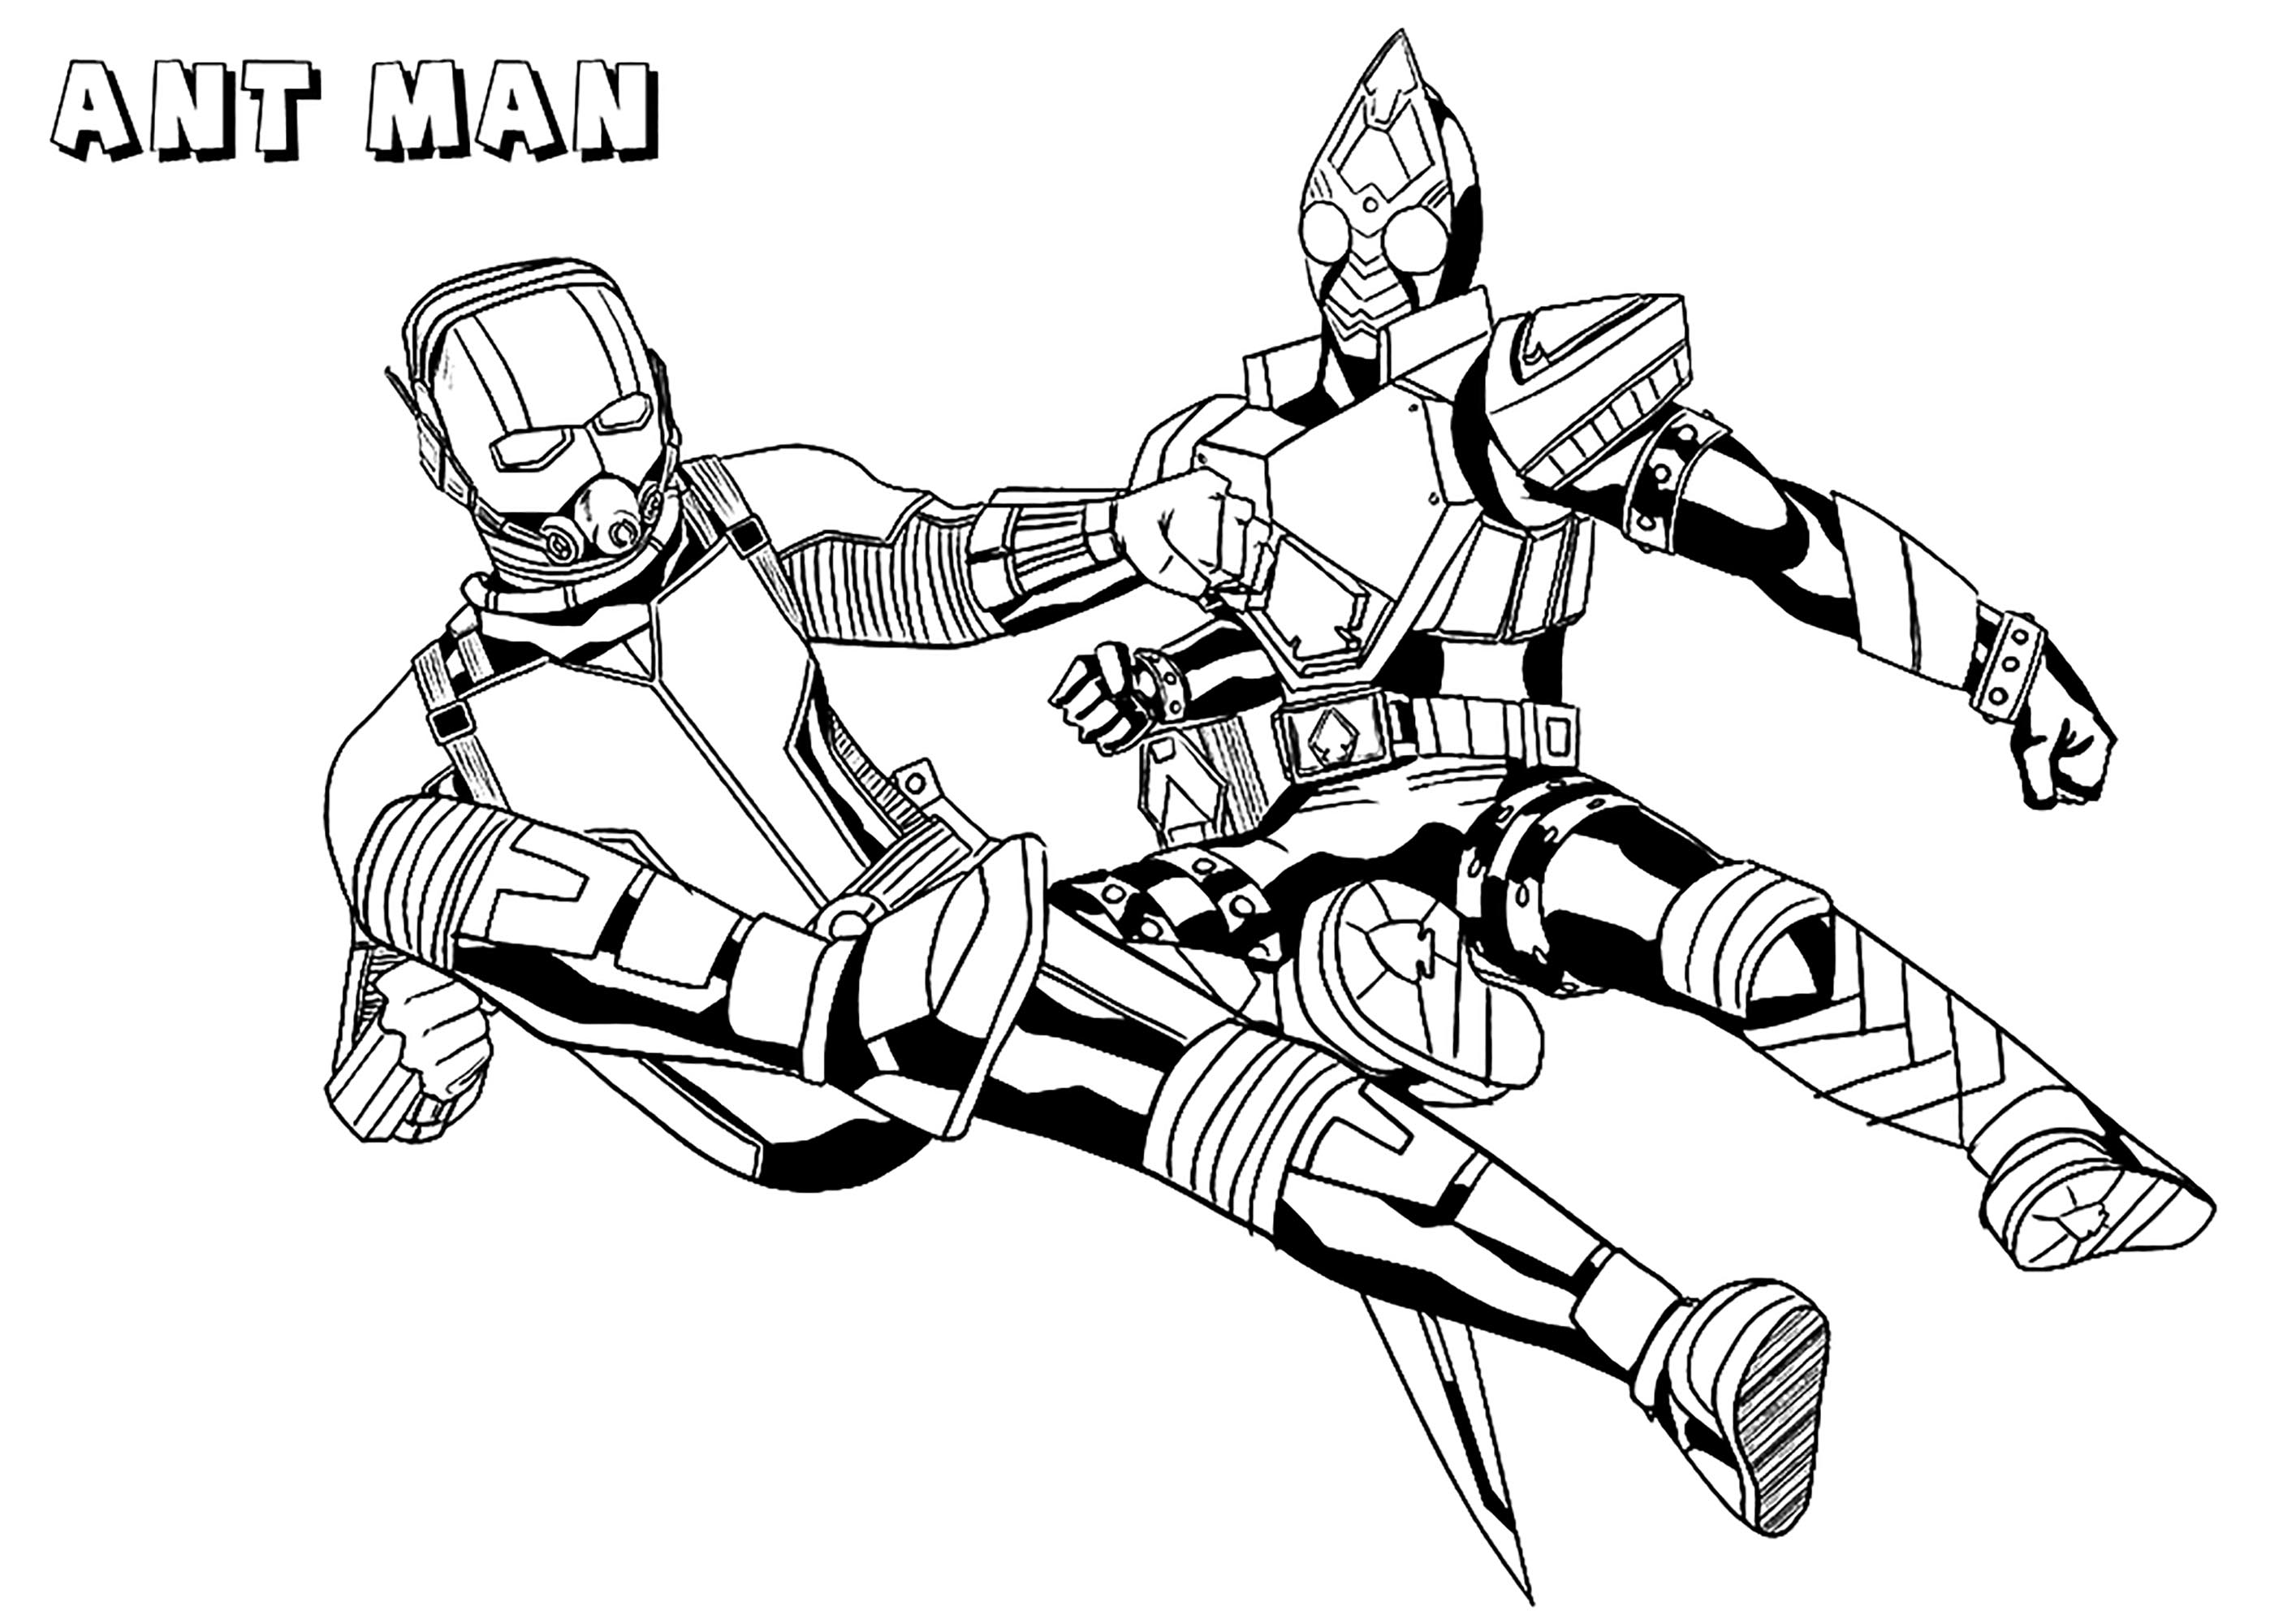 Ant man contre un ennemi - Coloriage Ant-man - Coloriages ...